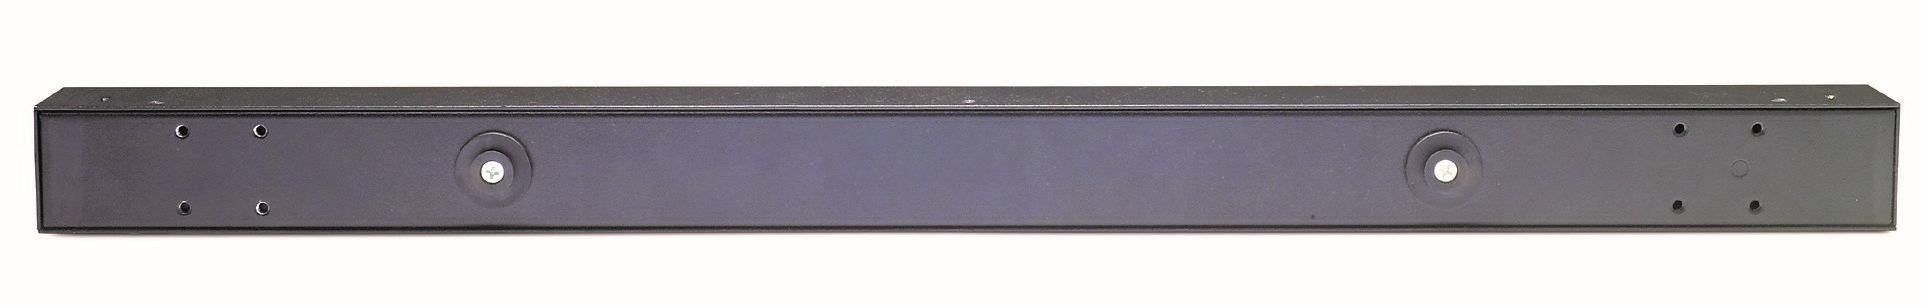 4508356-APC Basic Rack PDU AP9572 unità di distribuzione dell'energia [PDU] 15 p